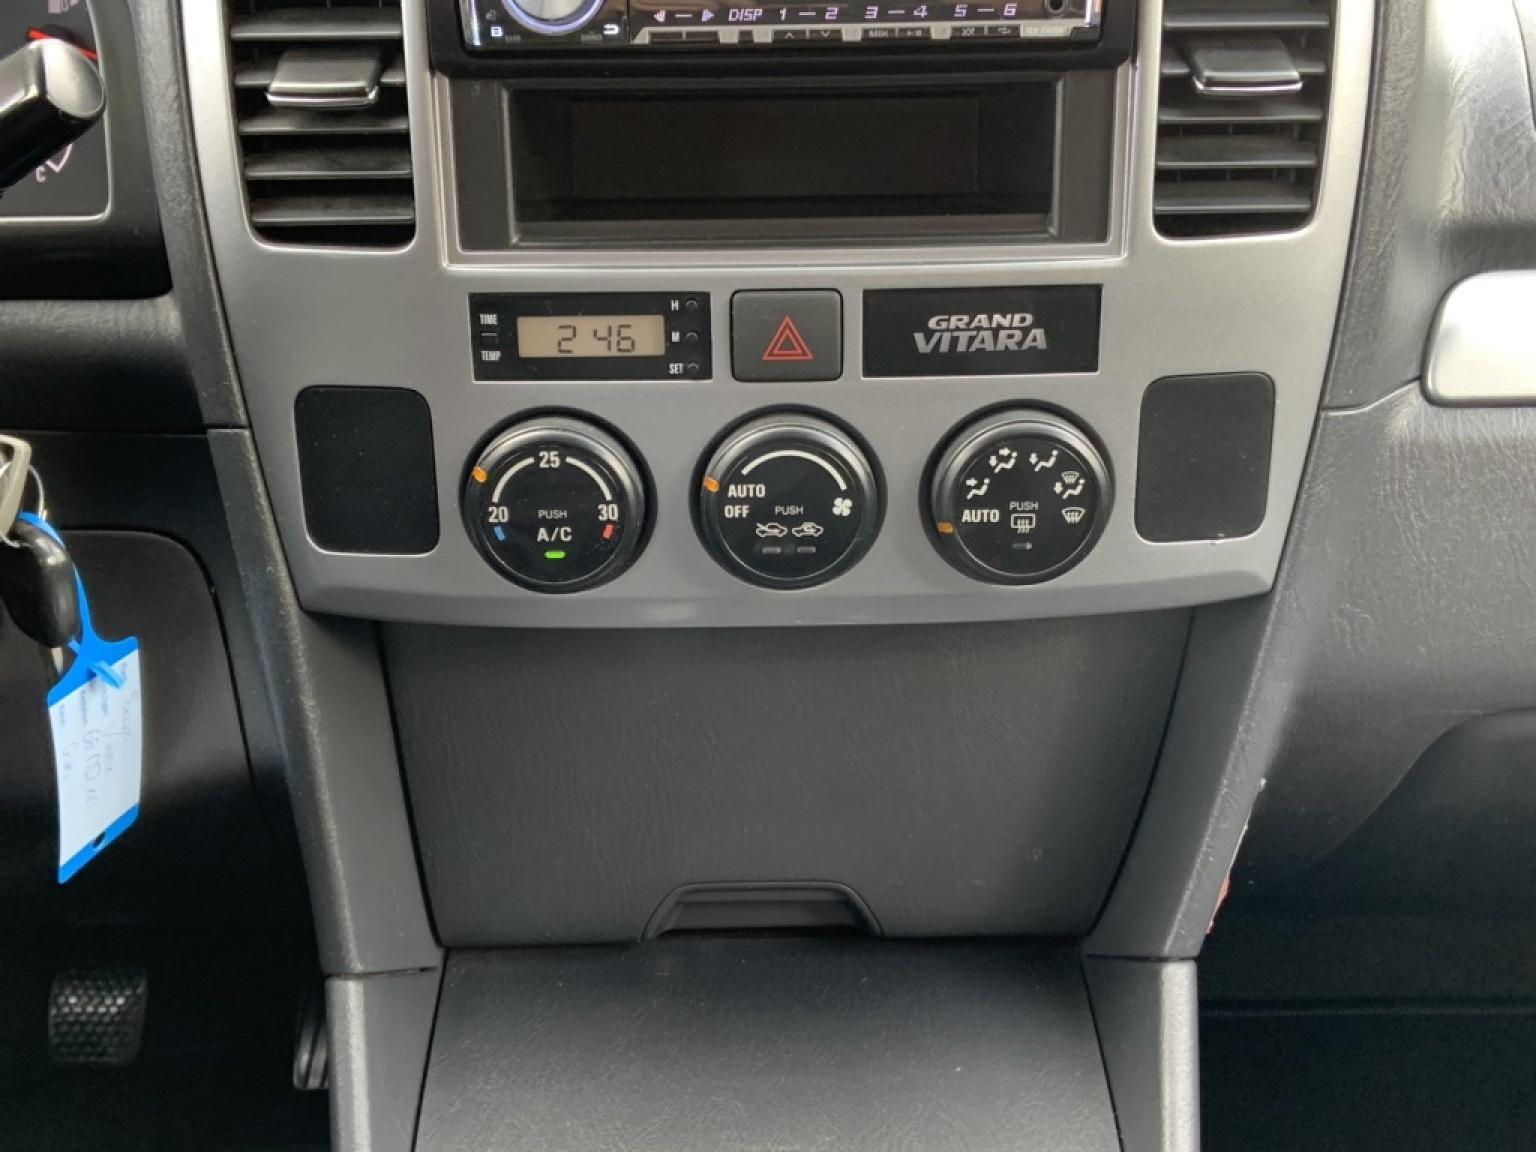 Suzuki-Grand Vitara-18